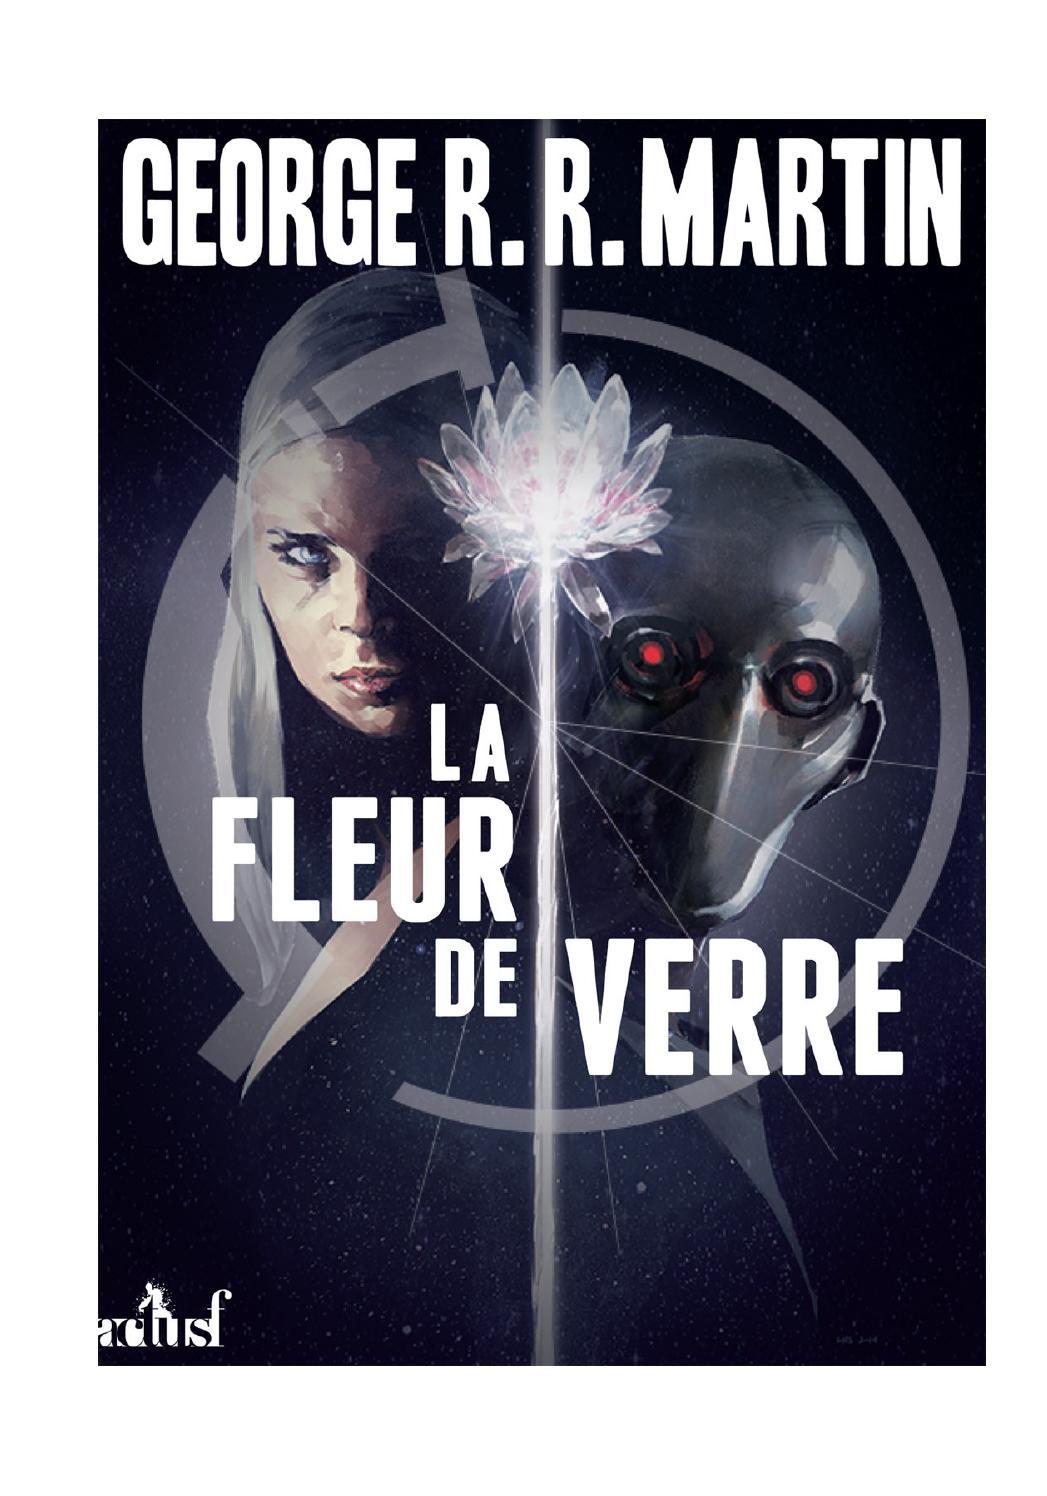 Souffleur De Verre Chambery la fleur de verre (extrait)Éditions actusf - issuu